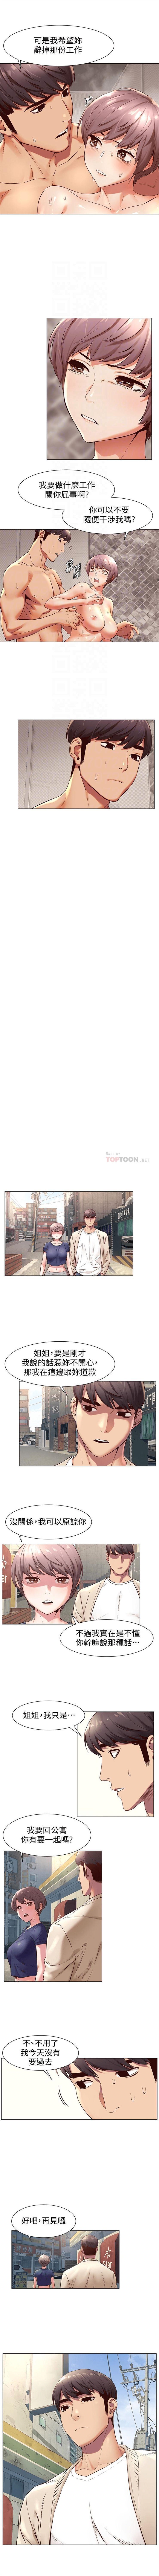 (週5)衝突 1-91 中文翻譯 (更新中) 407